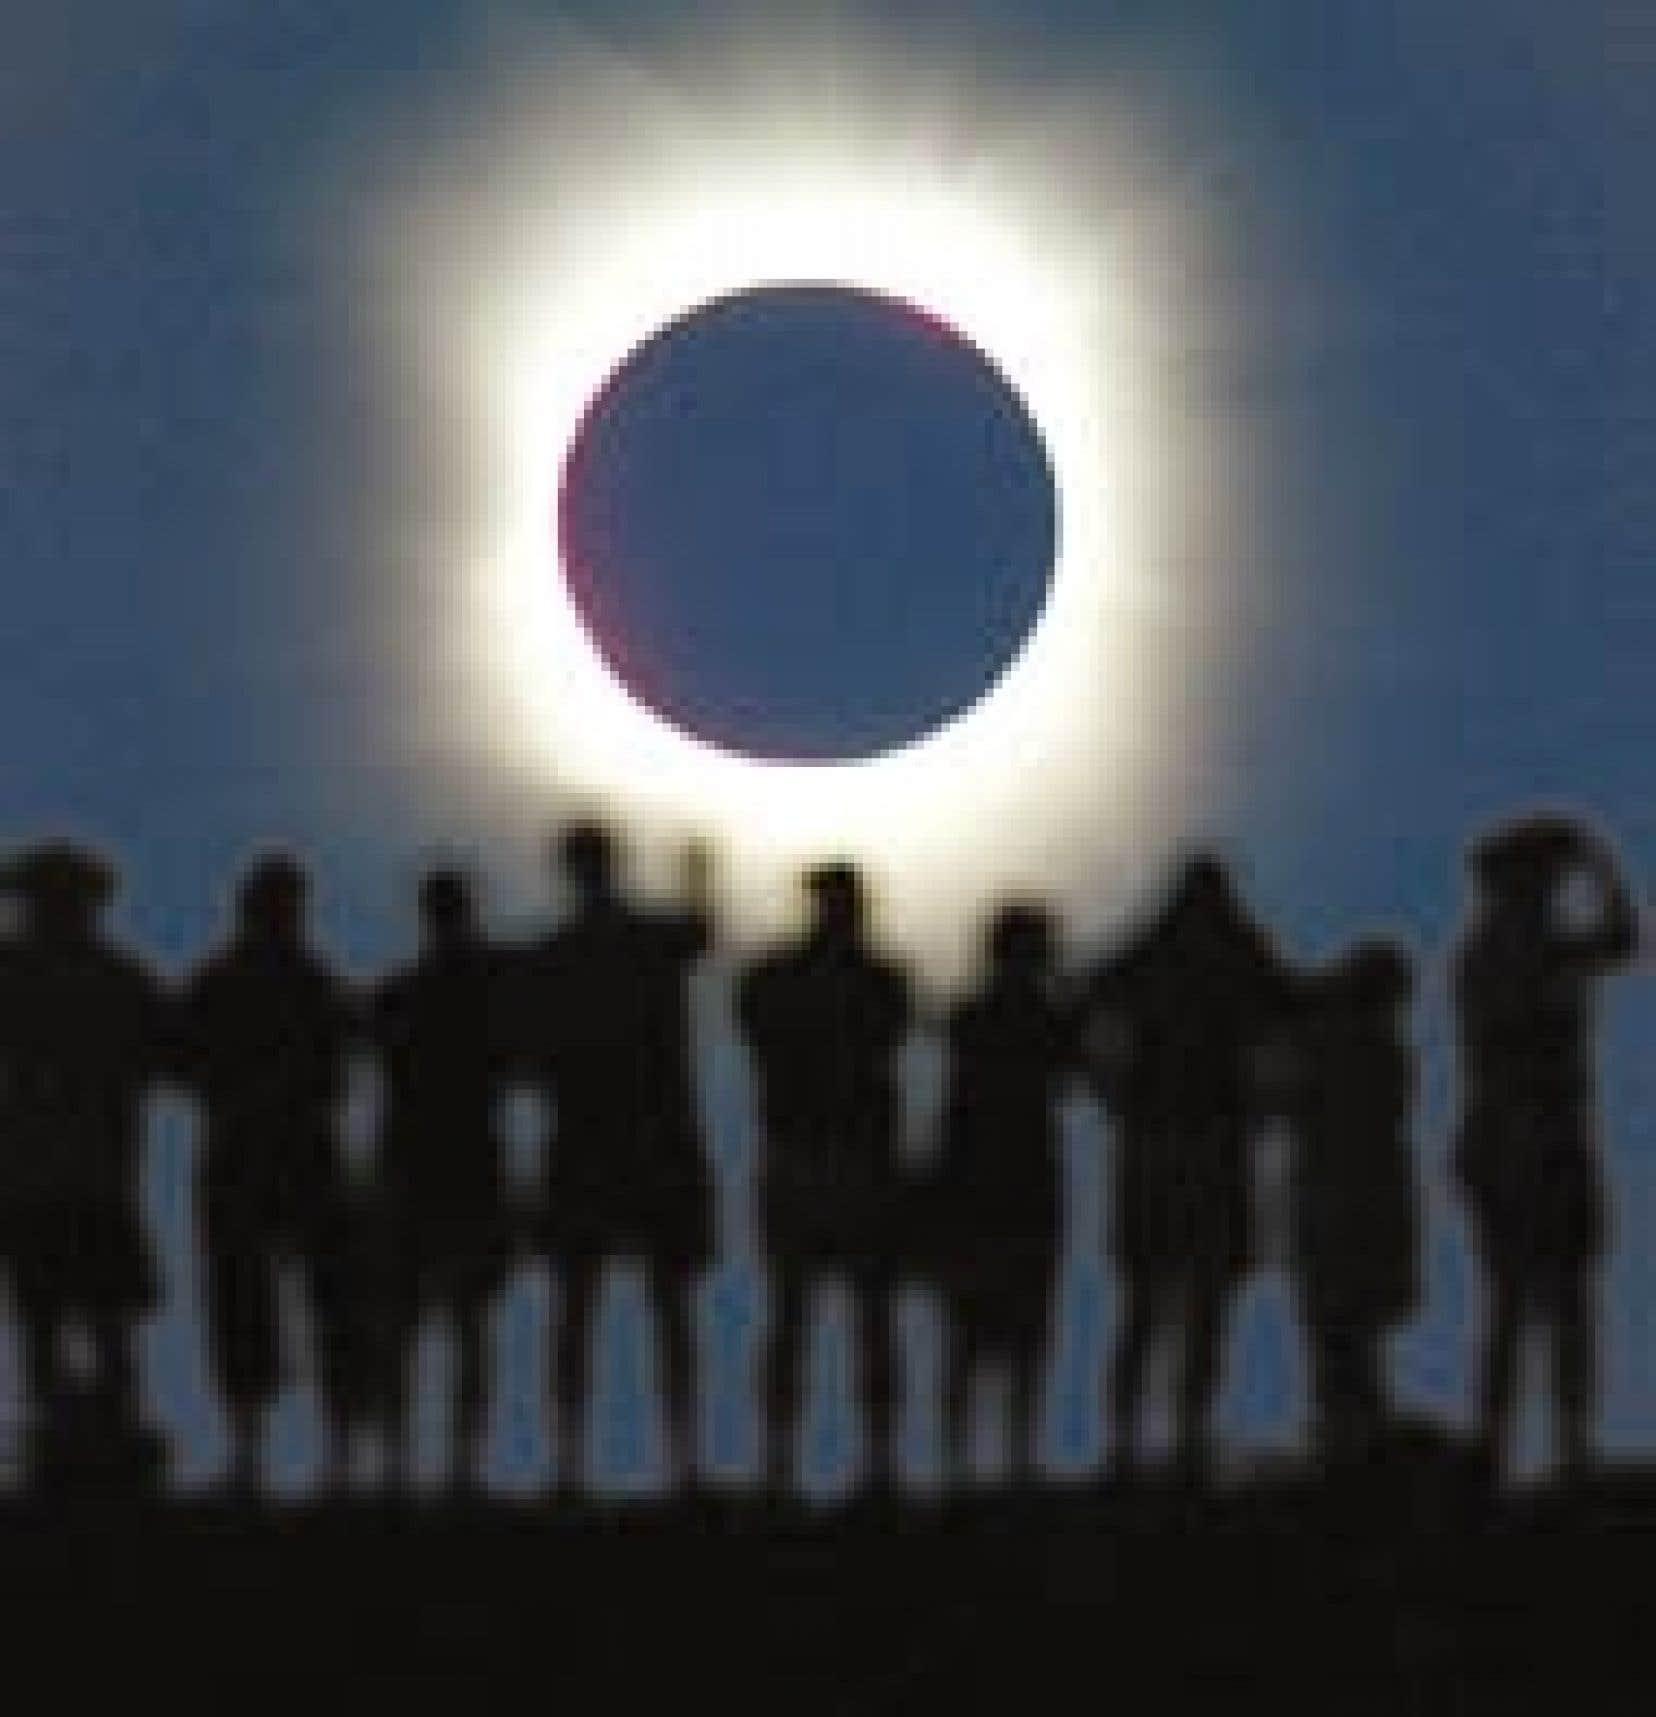 Le sud de l'Afrique et l'Australie ont été plongés dans la pénombre hier sous l'effet d'une éclipse totale du Soleil. Vers 5h15 GMT, la Lune s'est intercalée entre le Soleil et la Terre, projetant son ombre sur la côte ouest de l'Afrique.